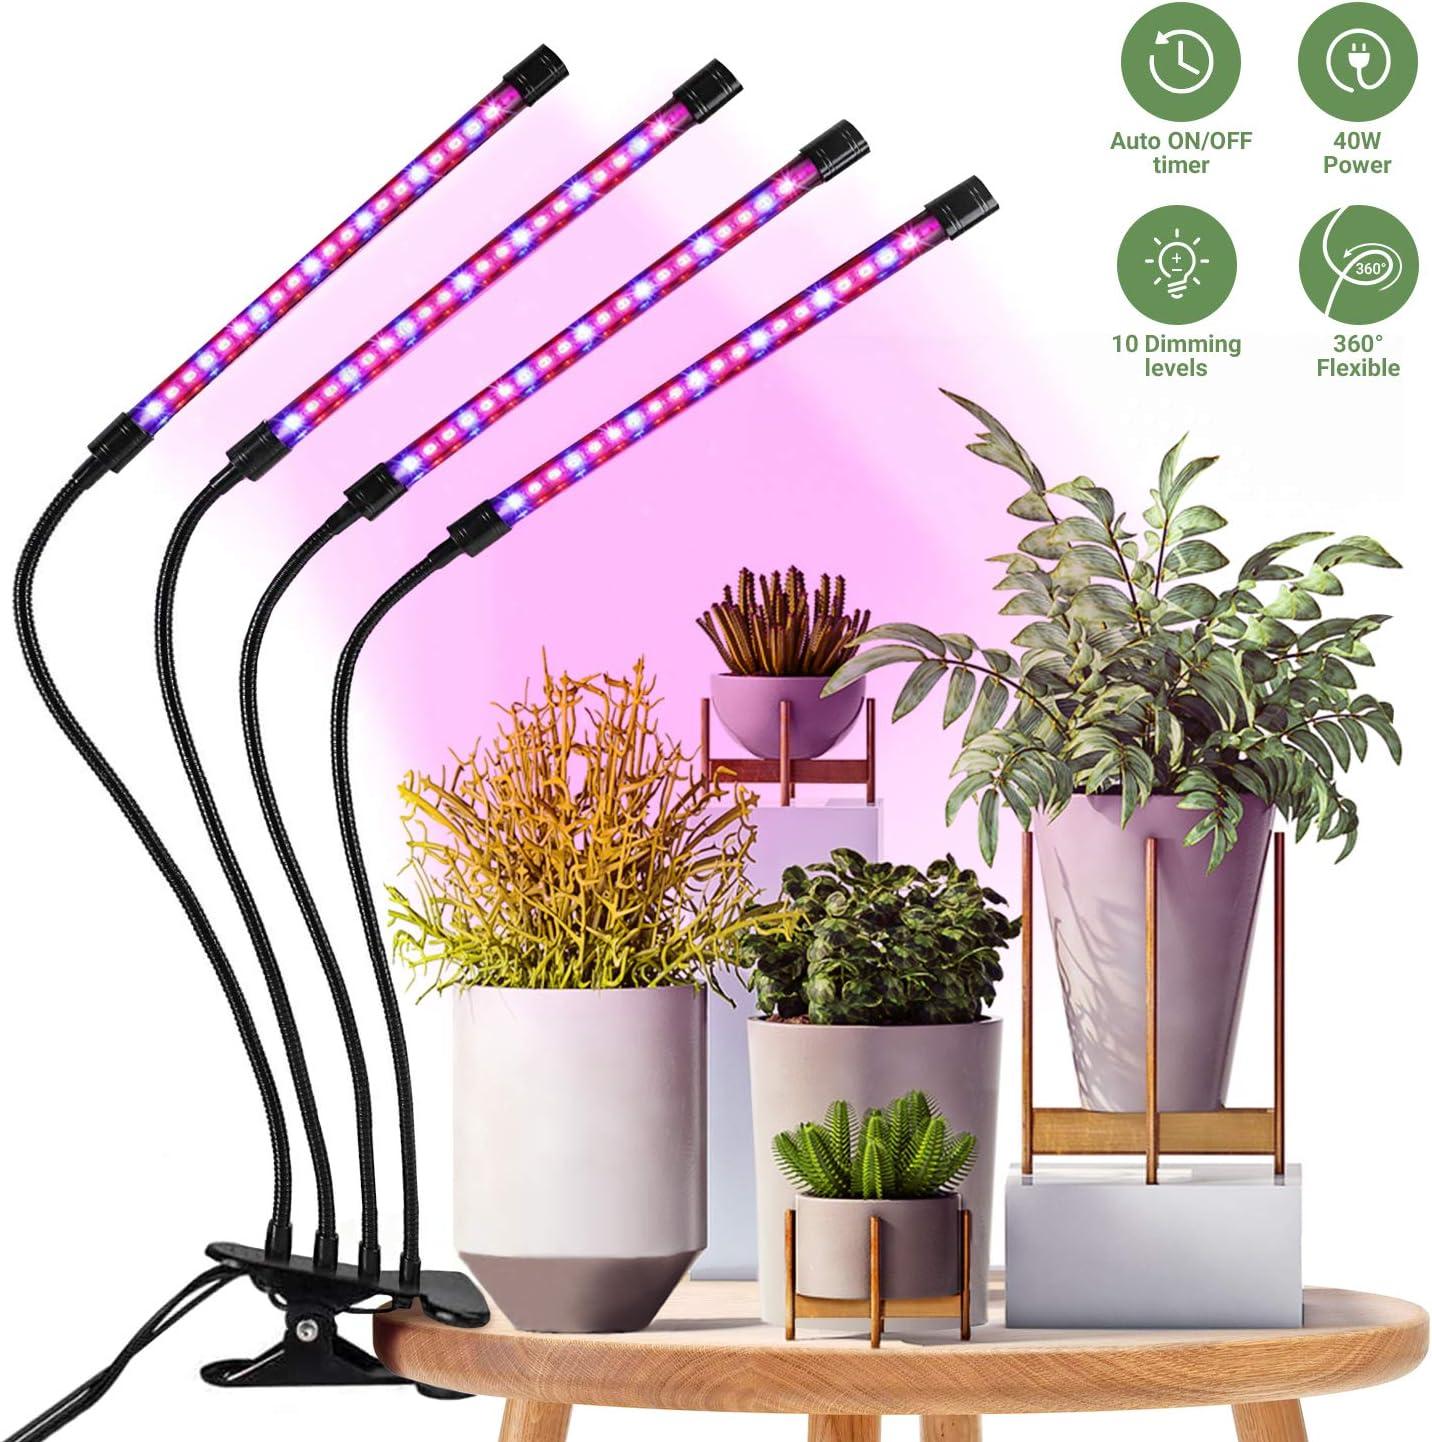 Lampara para Plantas, HOMPO 80 LEDs 40W Lampara Plantas Interior Lampara Colgante Planta con Temporizador Automático 3H/9H/12H para Siembra, Crecimiento, Floración y Fructificación